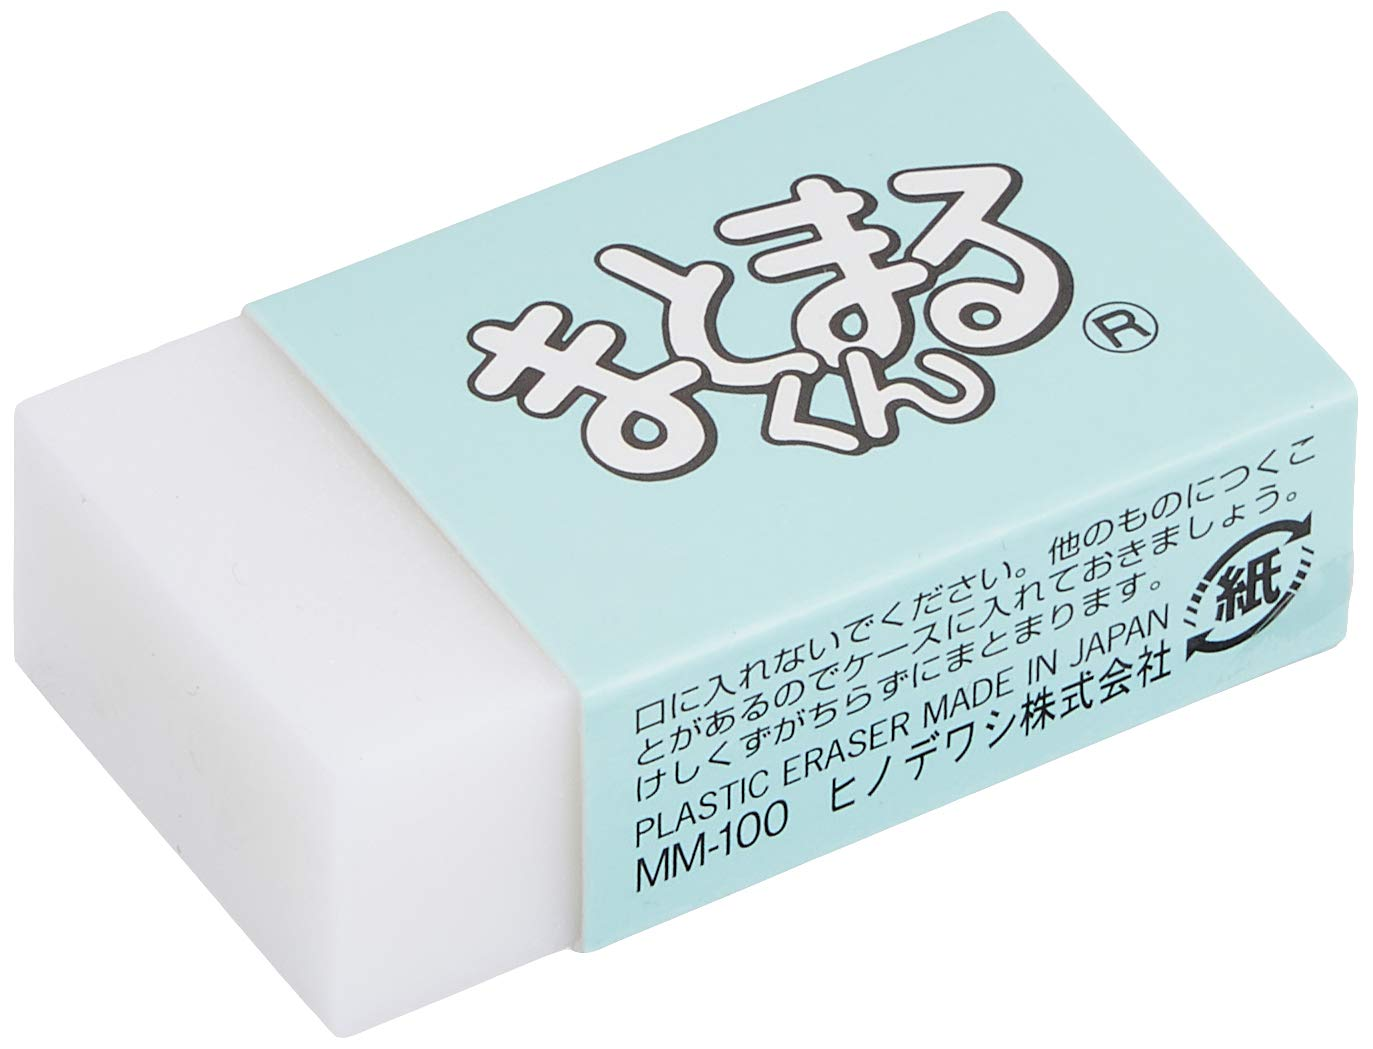 Hinodewashi eraser settled kun MM-100-B white 20 pcs